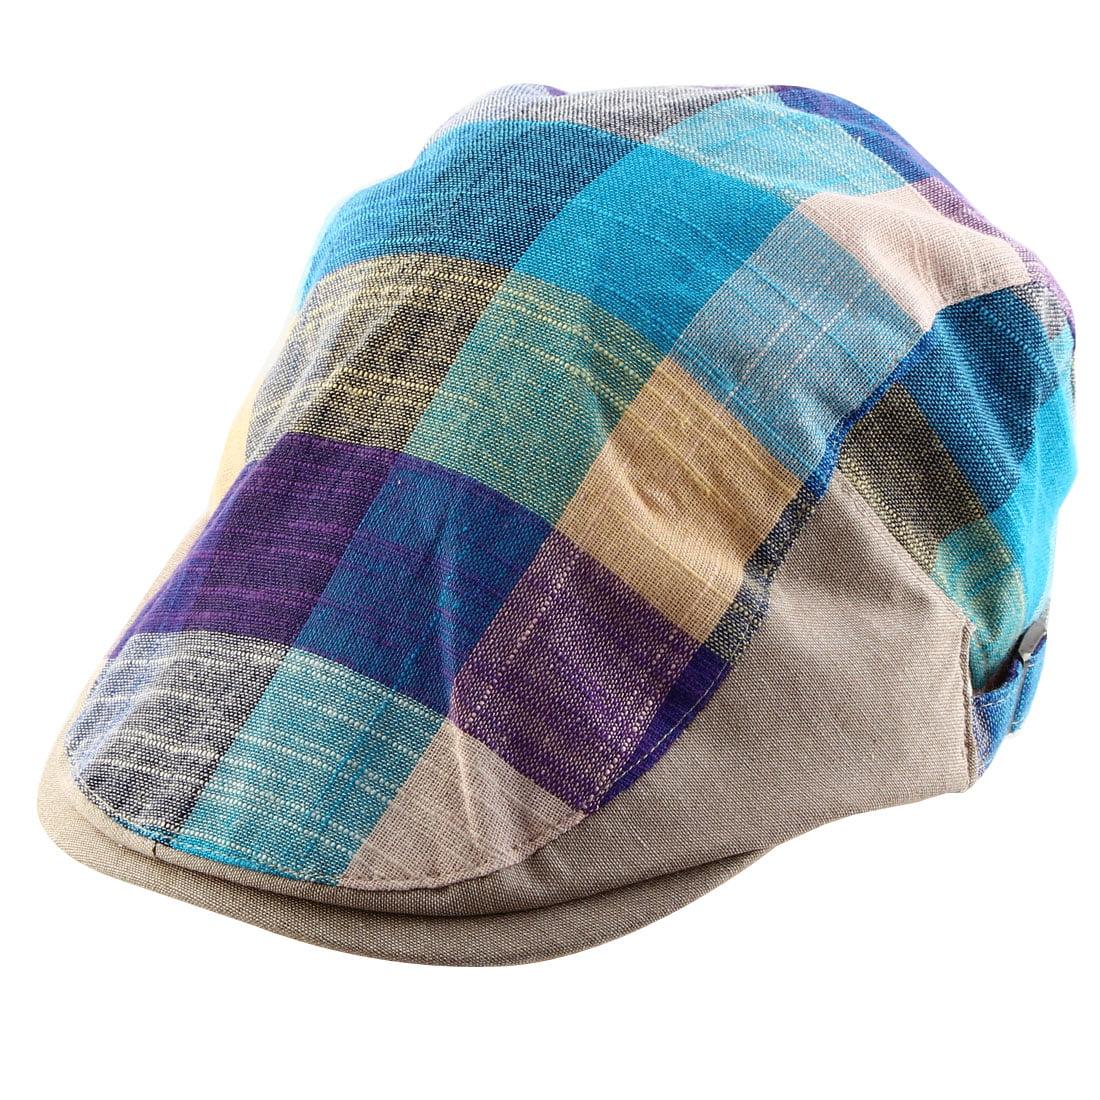 d82428c82e6e7 Men Women Plaid Pattern Summer Sun Newsboy Duckbill Ivy Cap Cabbie Driving  Golf Casual Flat Beret Hat Tricolor